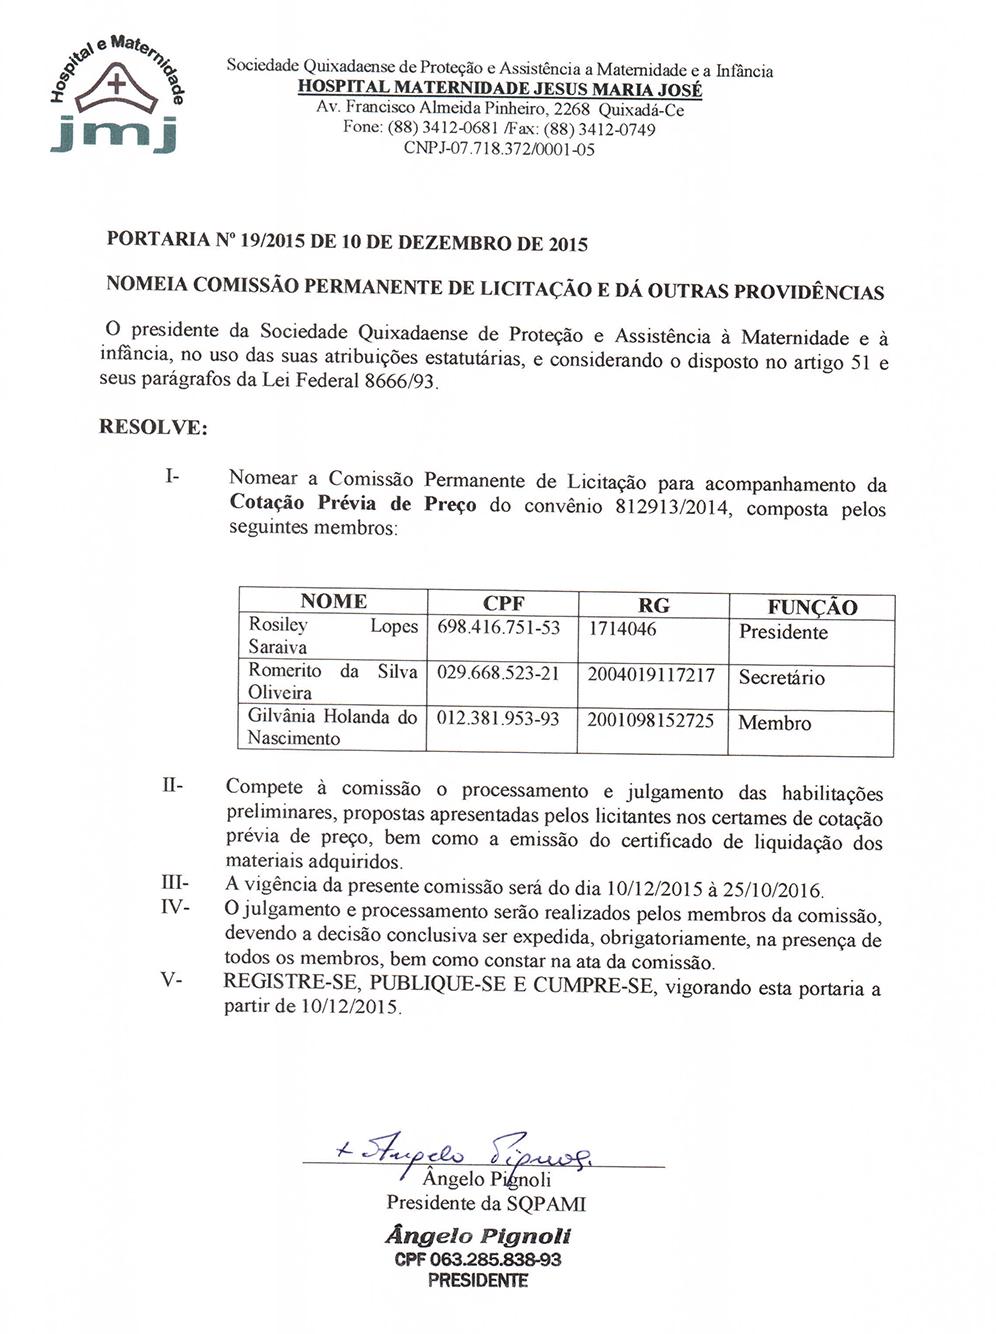 Portaria da Nomeação da Comissão de Licitação